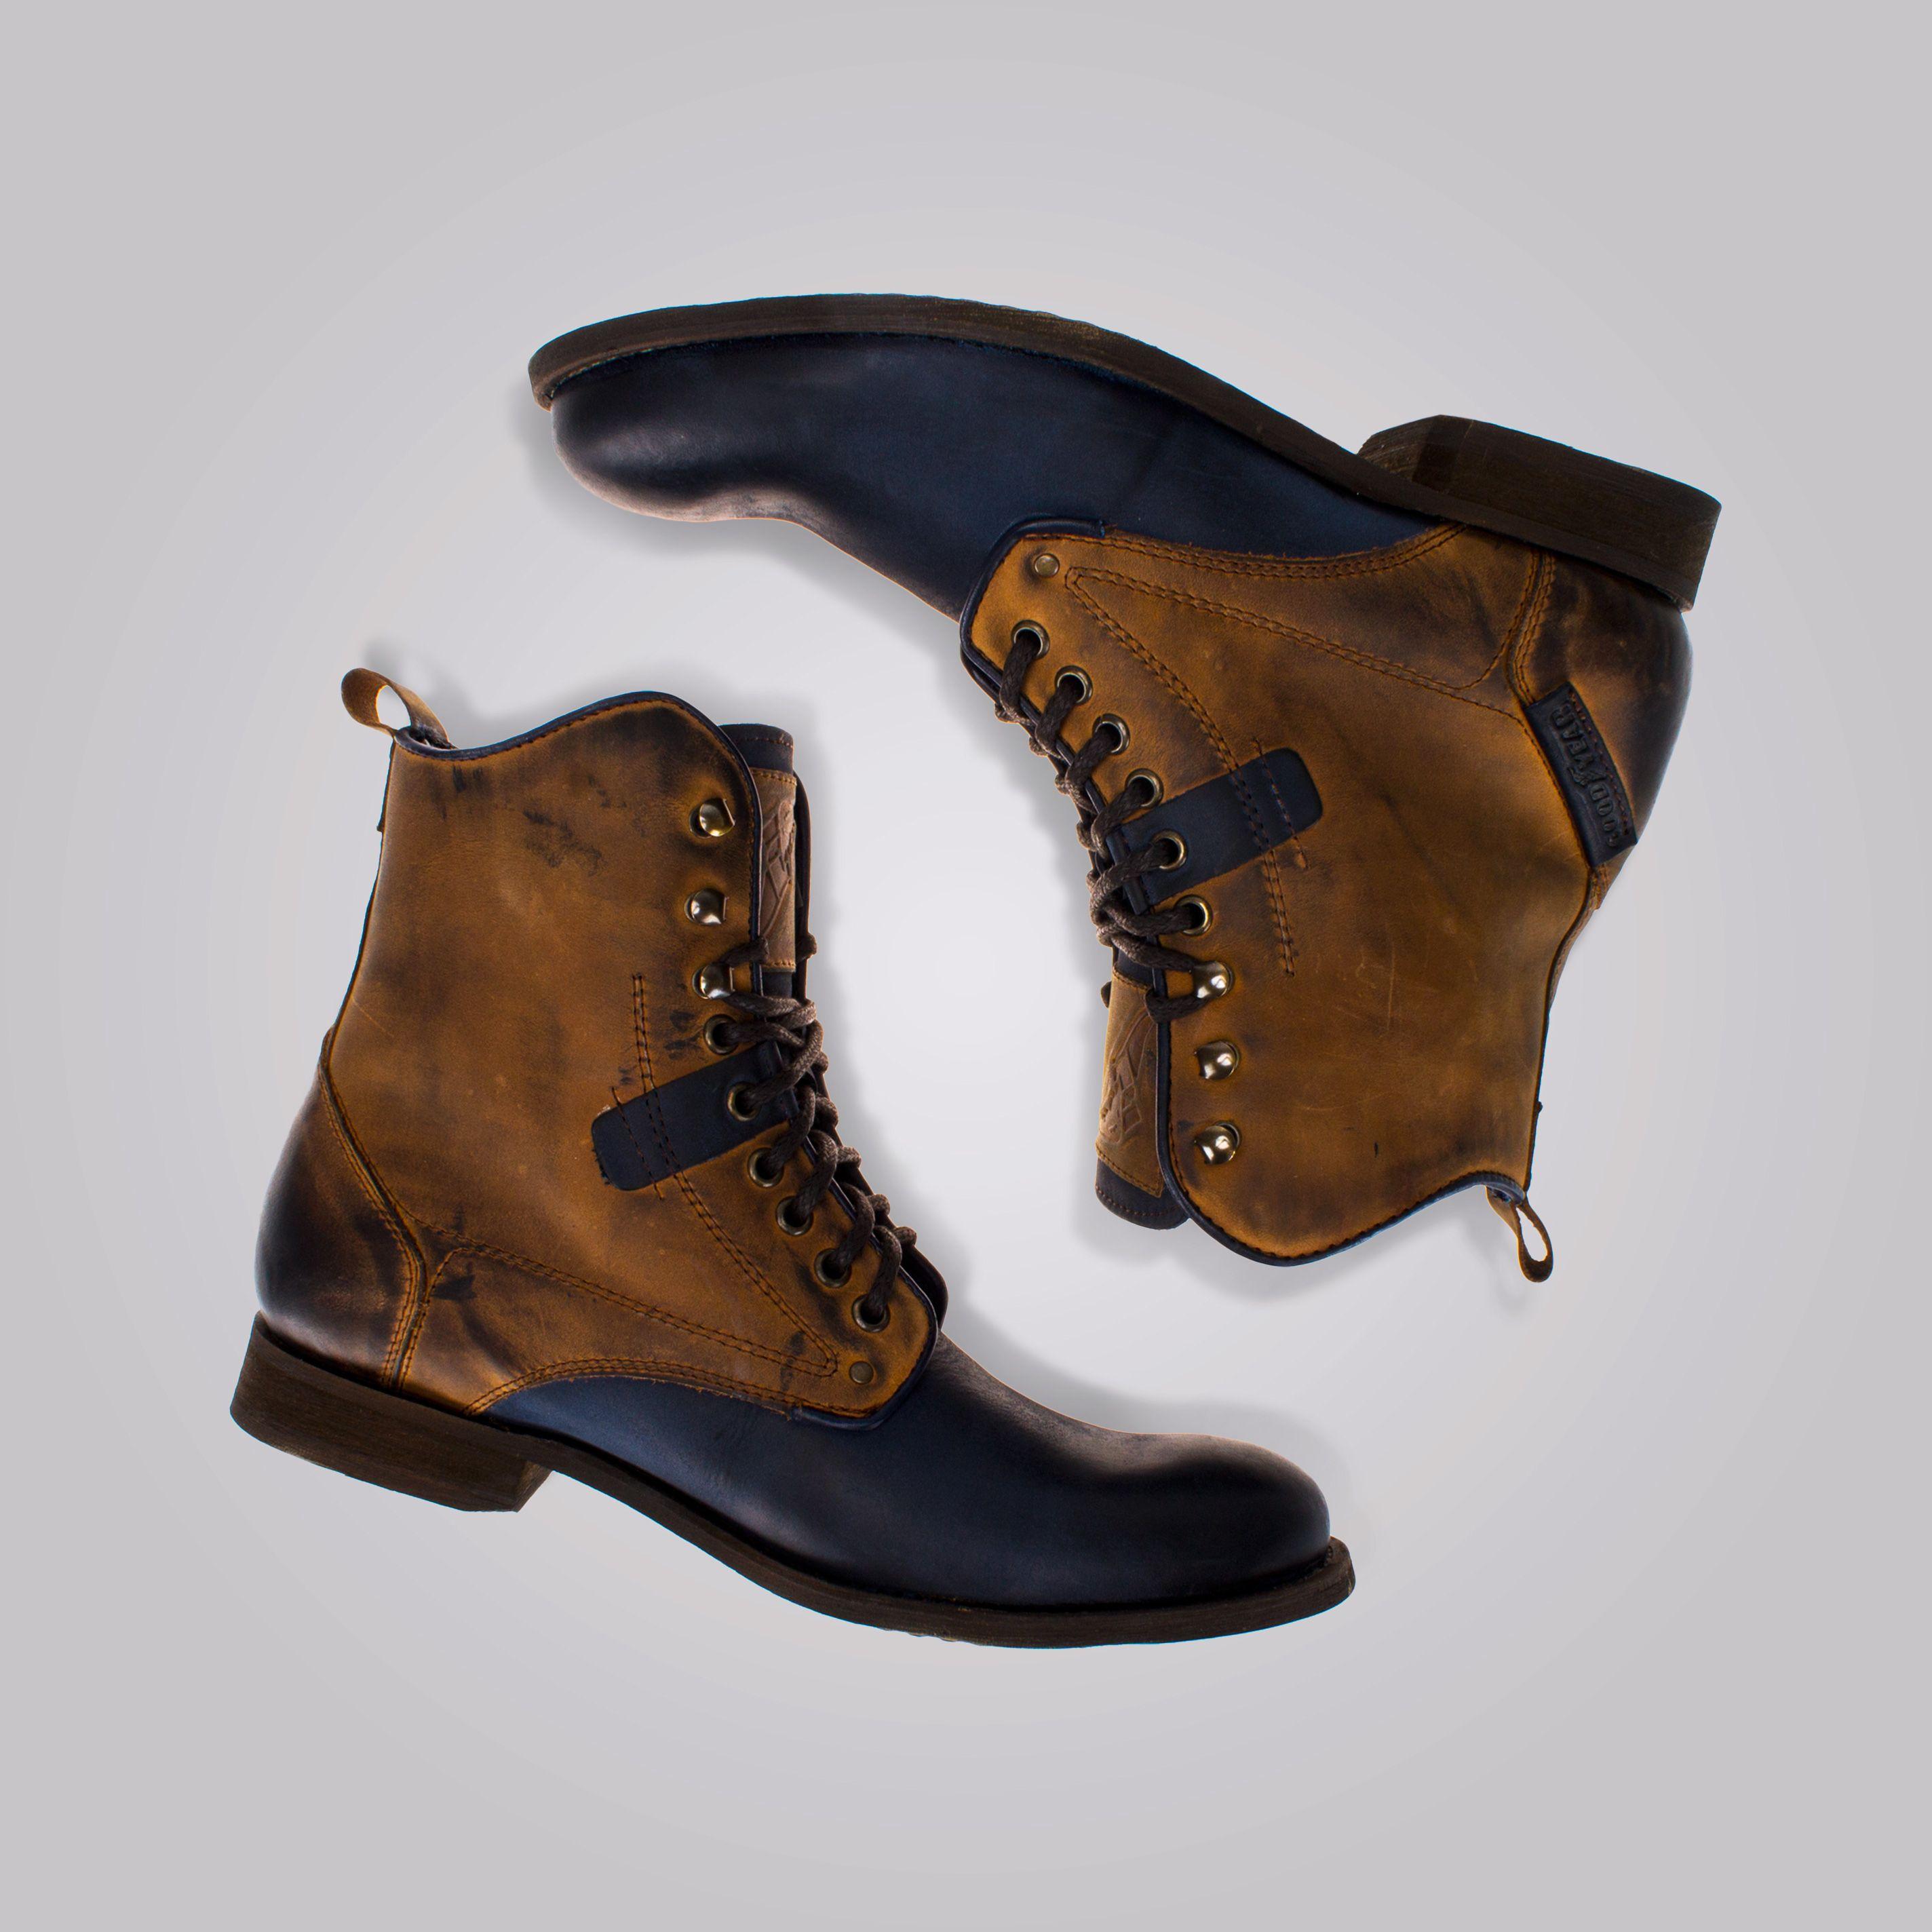 Trastornado Político suicidio  Tu estilo, tus botas #priceshoes #lamodamasdeseada #botas #caballeros.  ¡Adquiérelas en Price Shoes!→http:… | Zapatos hombre, Zapato de vestir  hombre, Calzado hombre